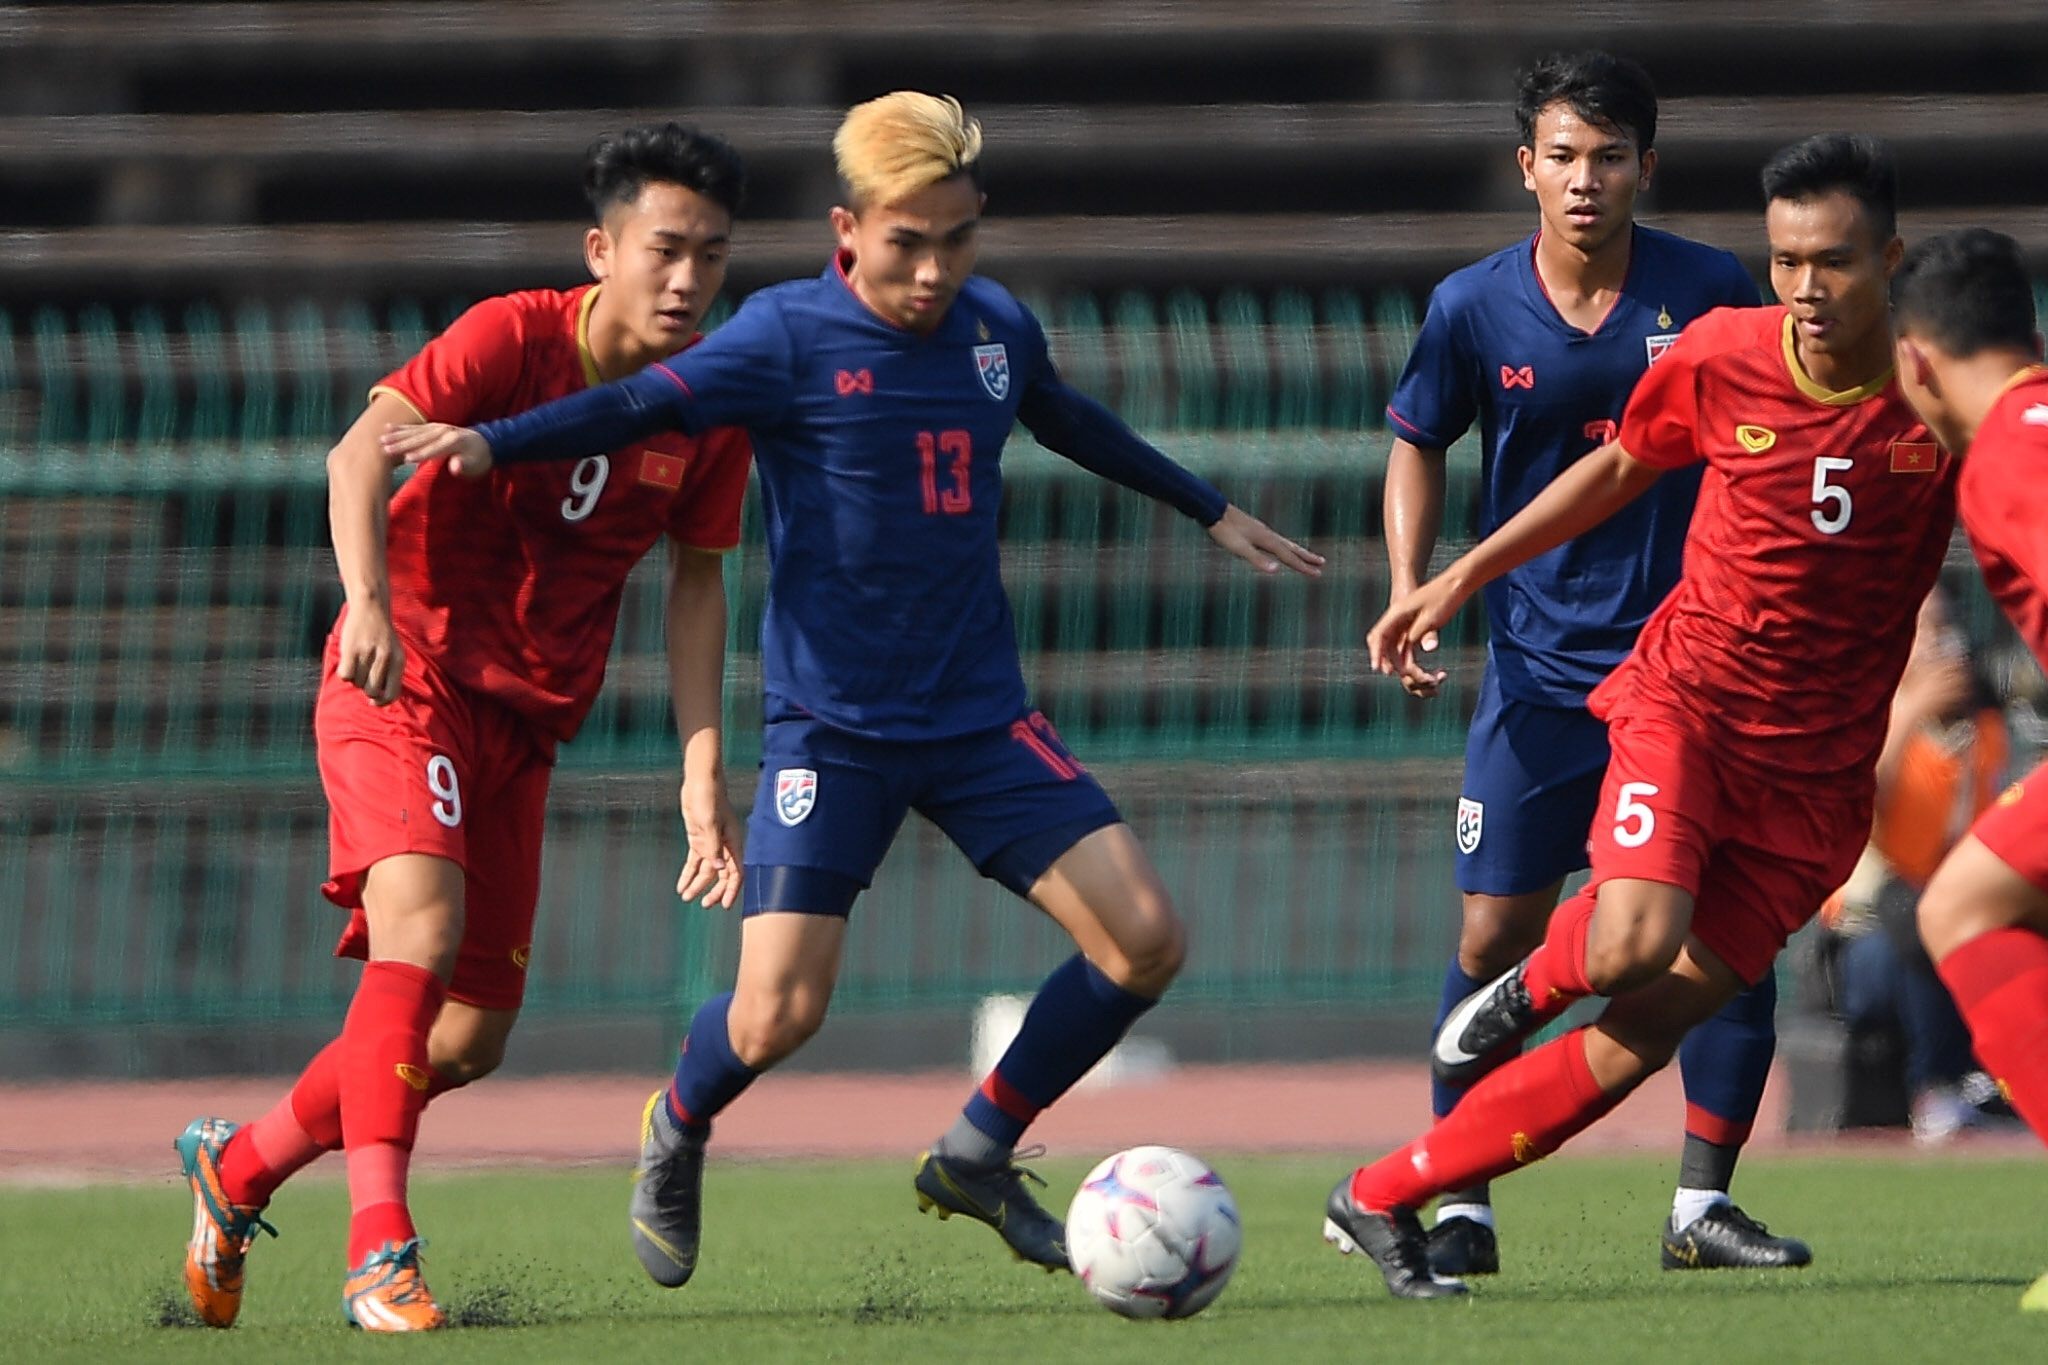 ชิงแชมป์อาเซียน 2019 ทีมชาติเวียดนาม U22 ทีมชาติไทย U22